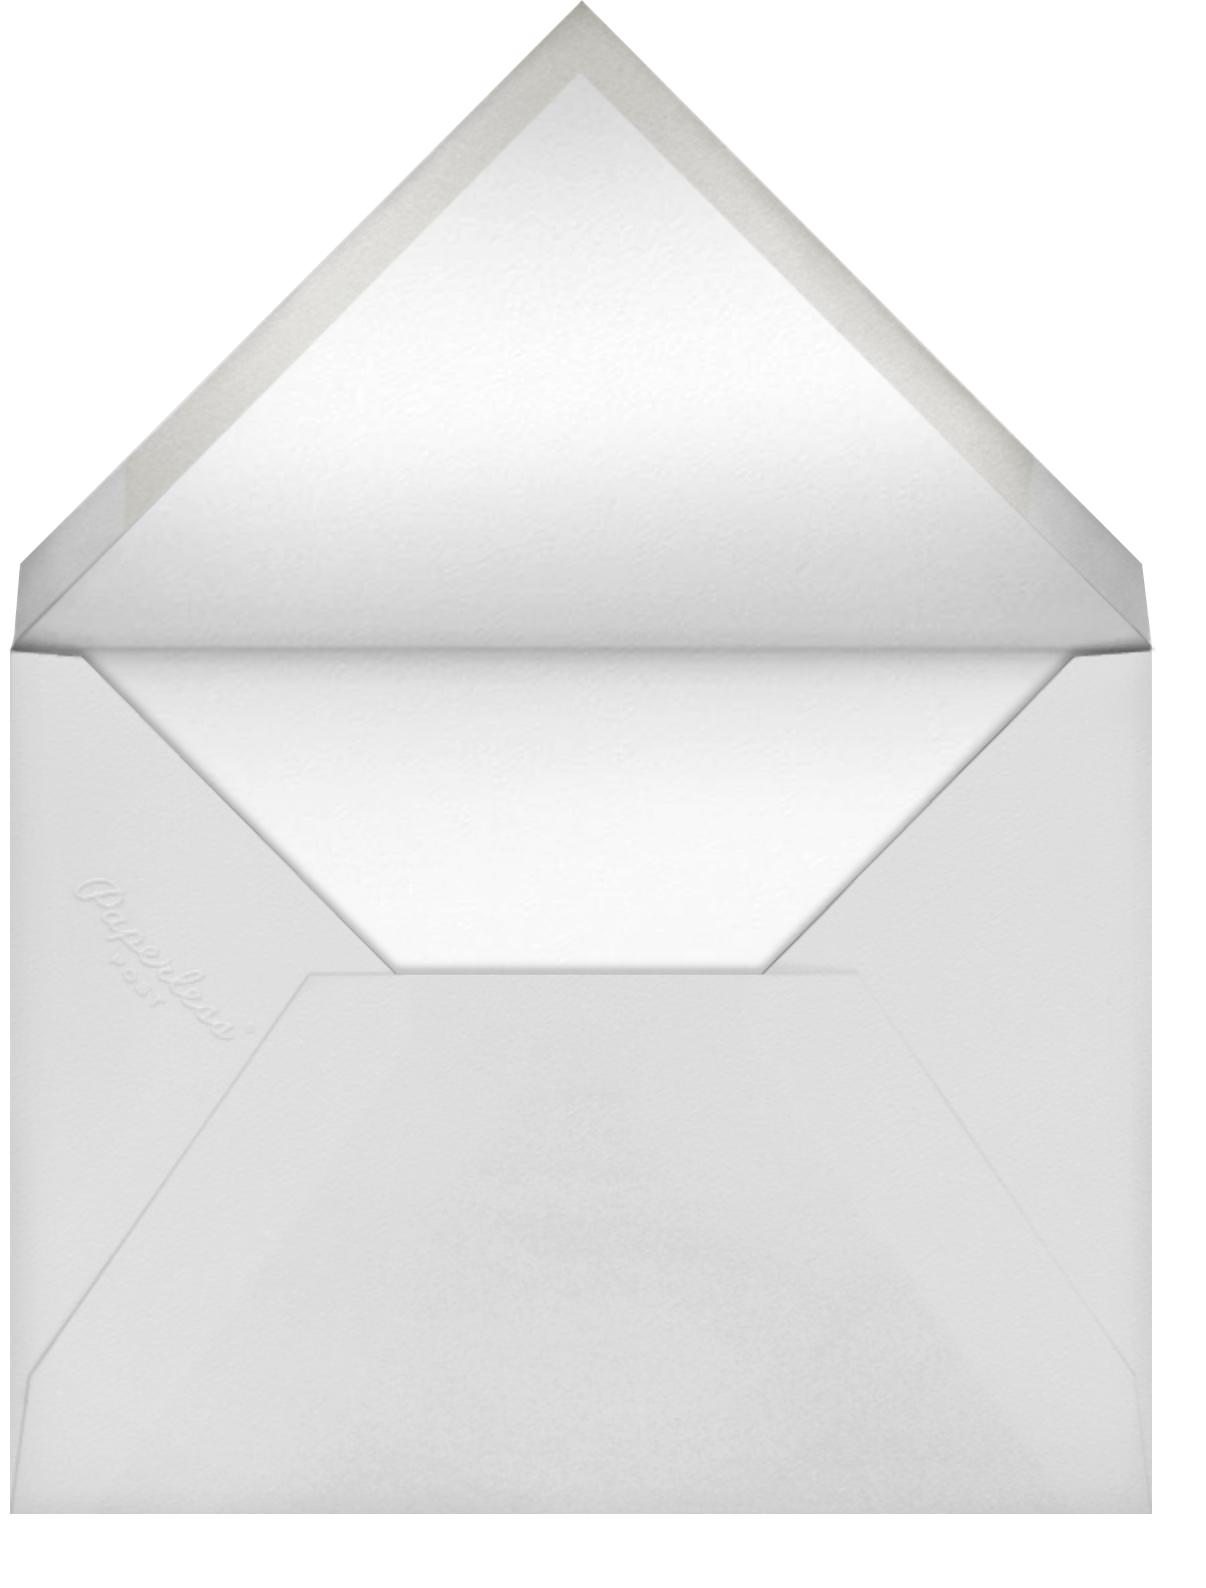 Mr. Stache (Stationery) - Jonathan Adler - null - envelope back